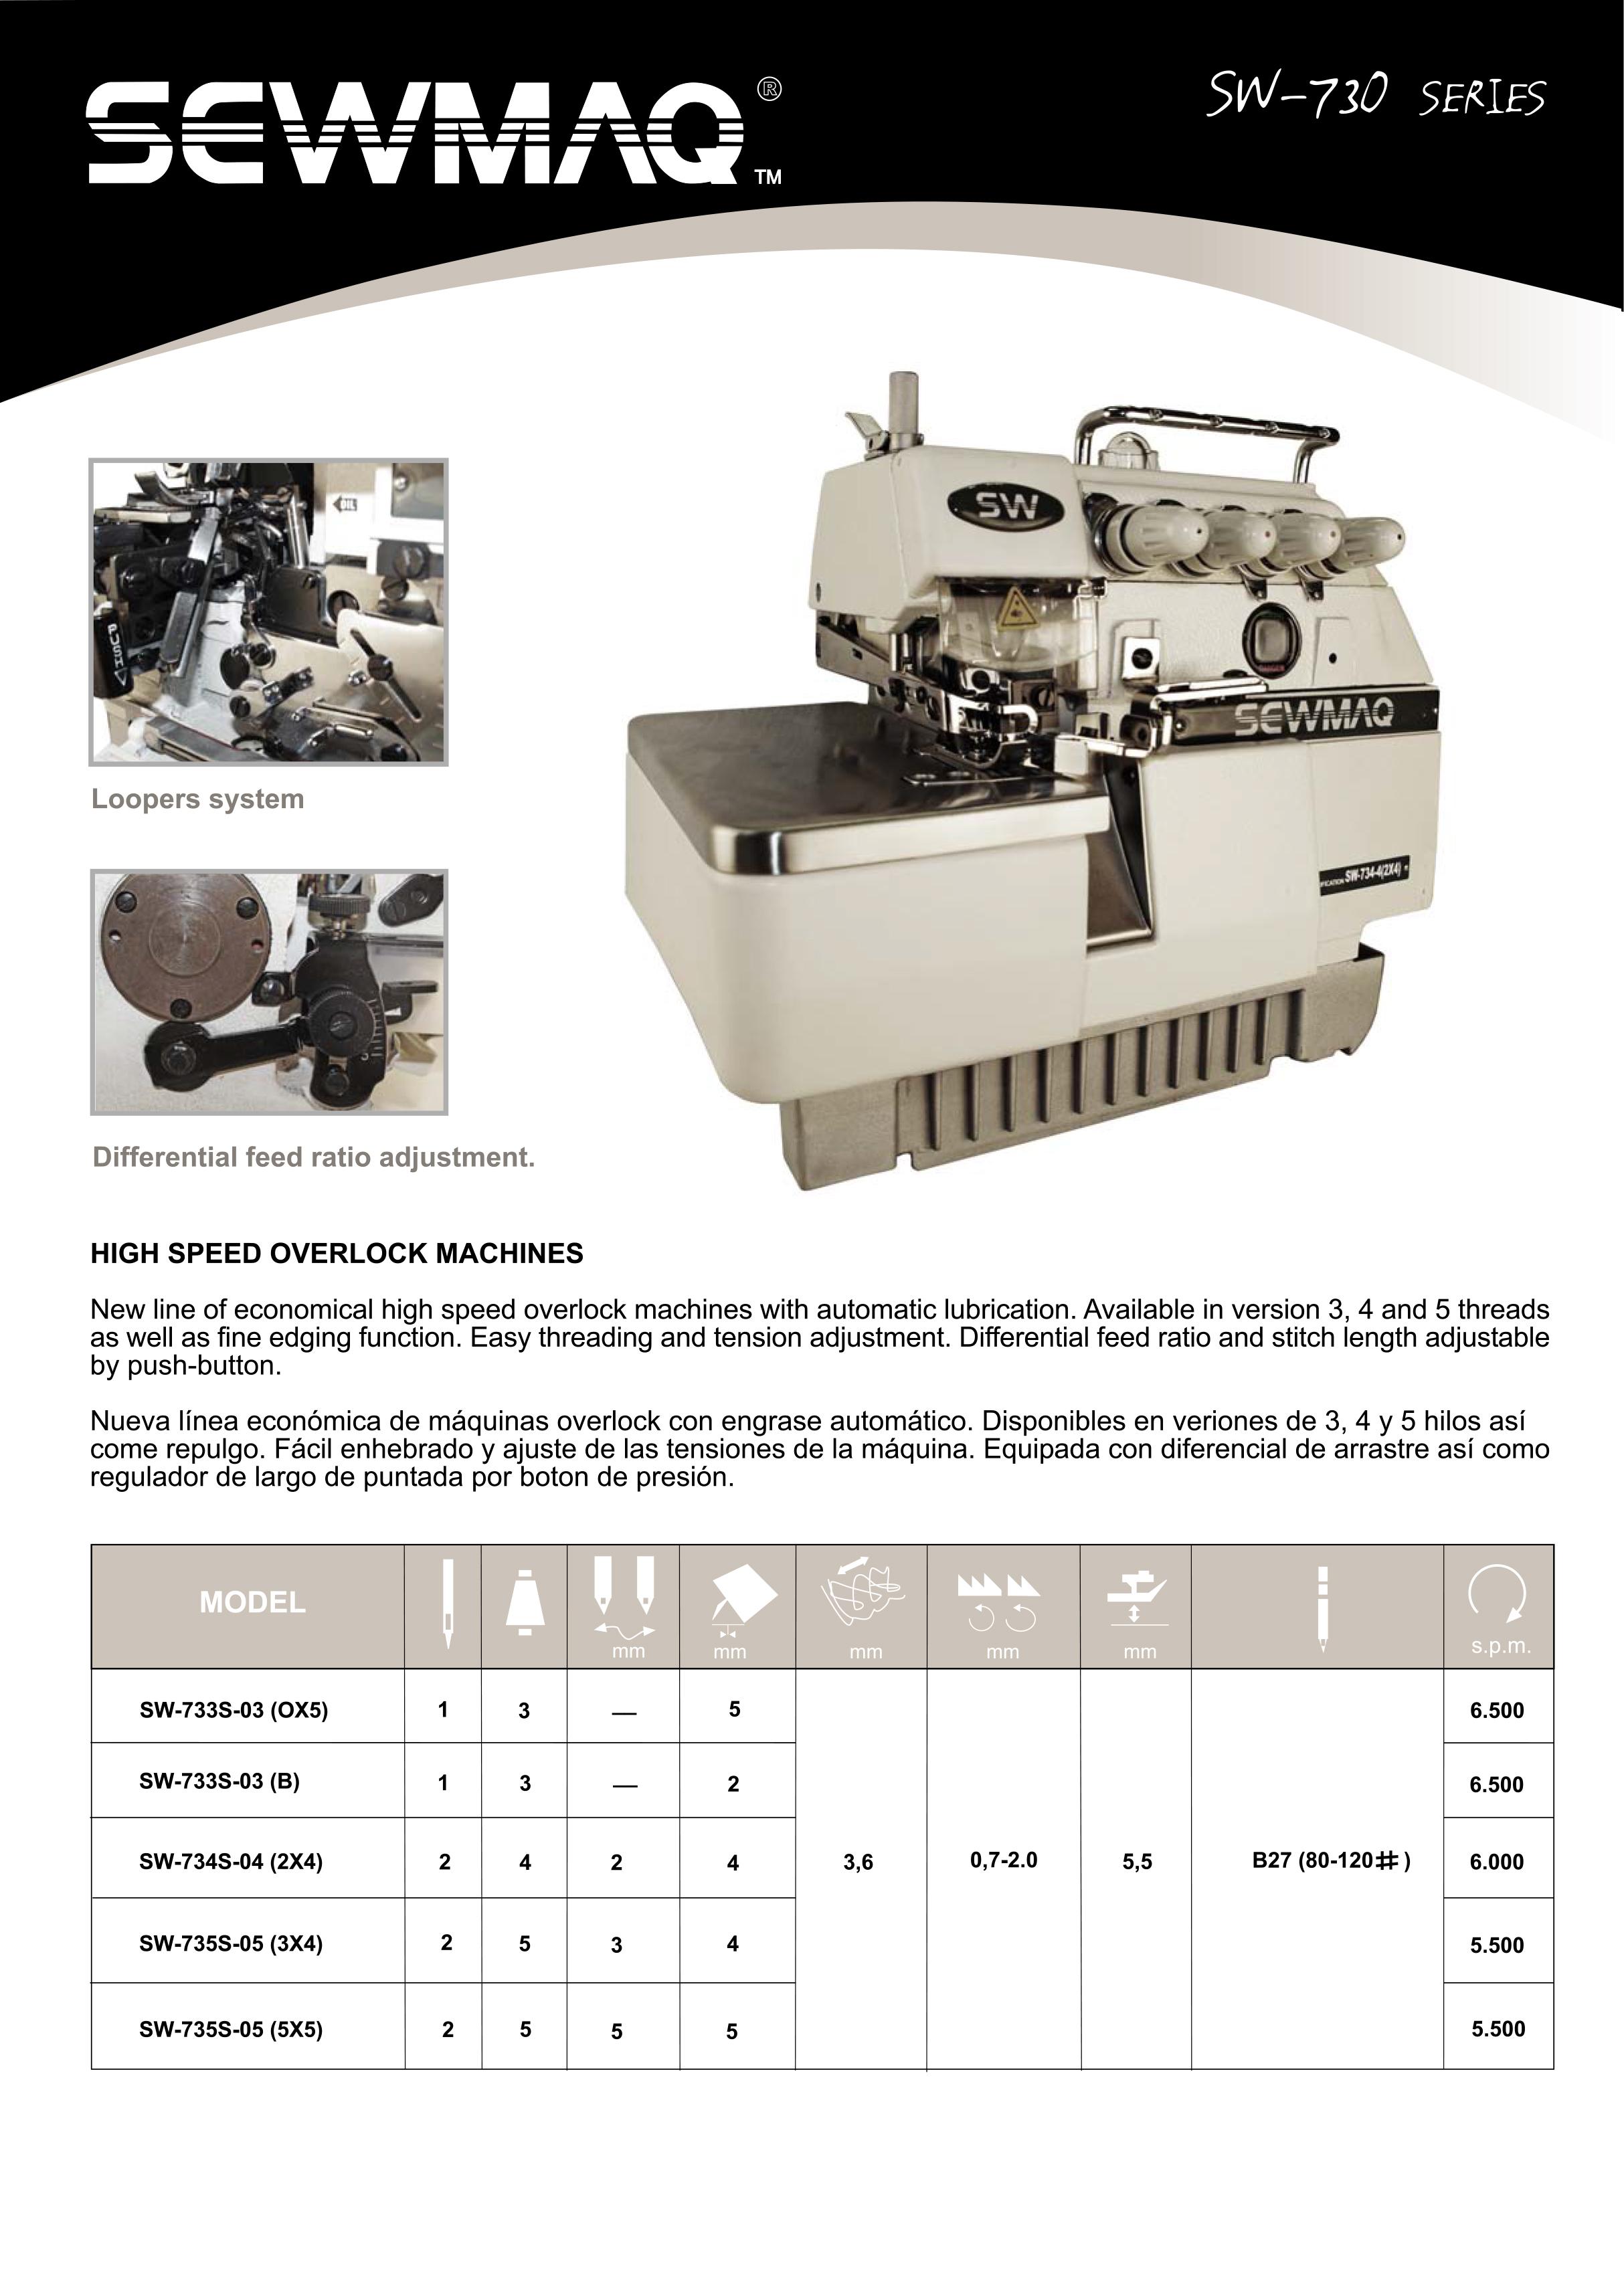 Masina de cusut sewmaq sw-735s-05(3x4)